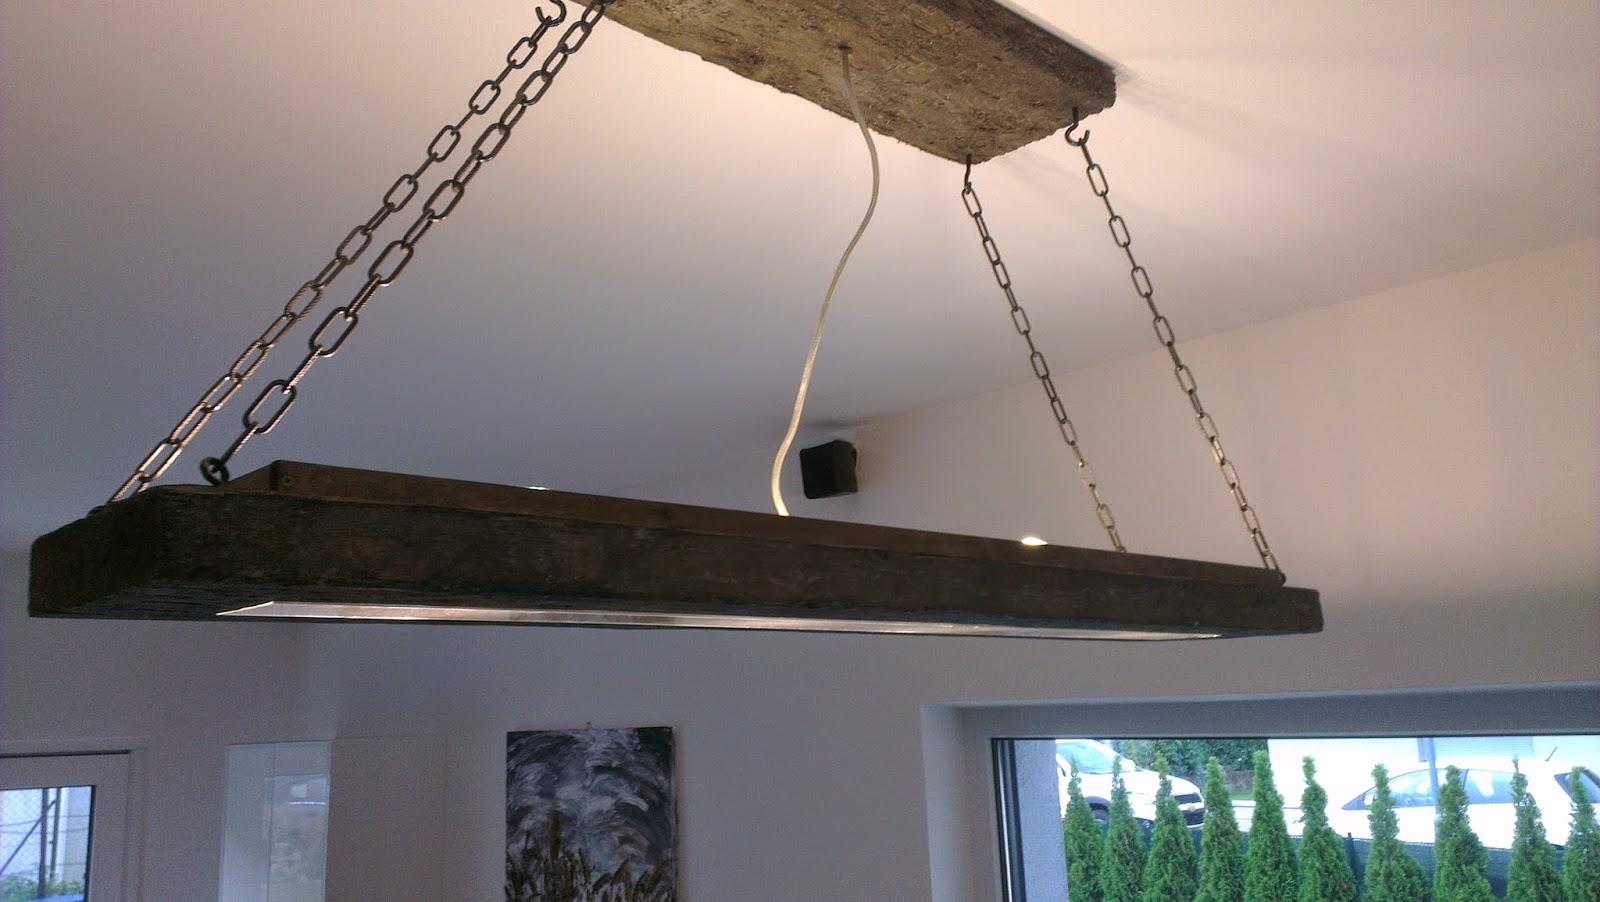 Hausbau das tor zur h lle die esstisch lampe for Esstisch lampe selber bauen